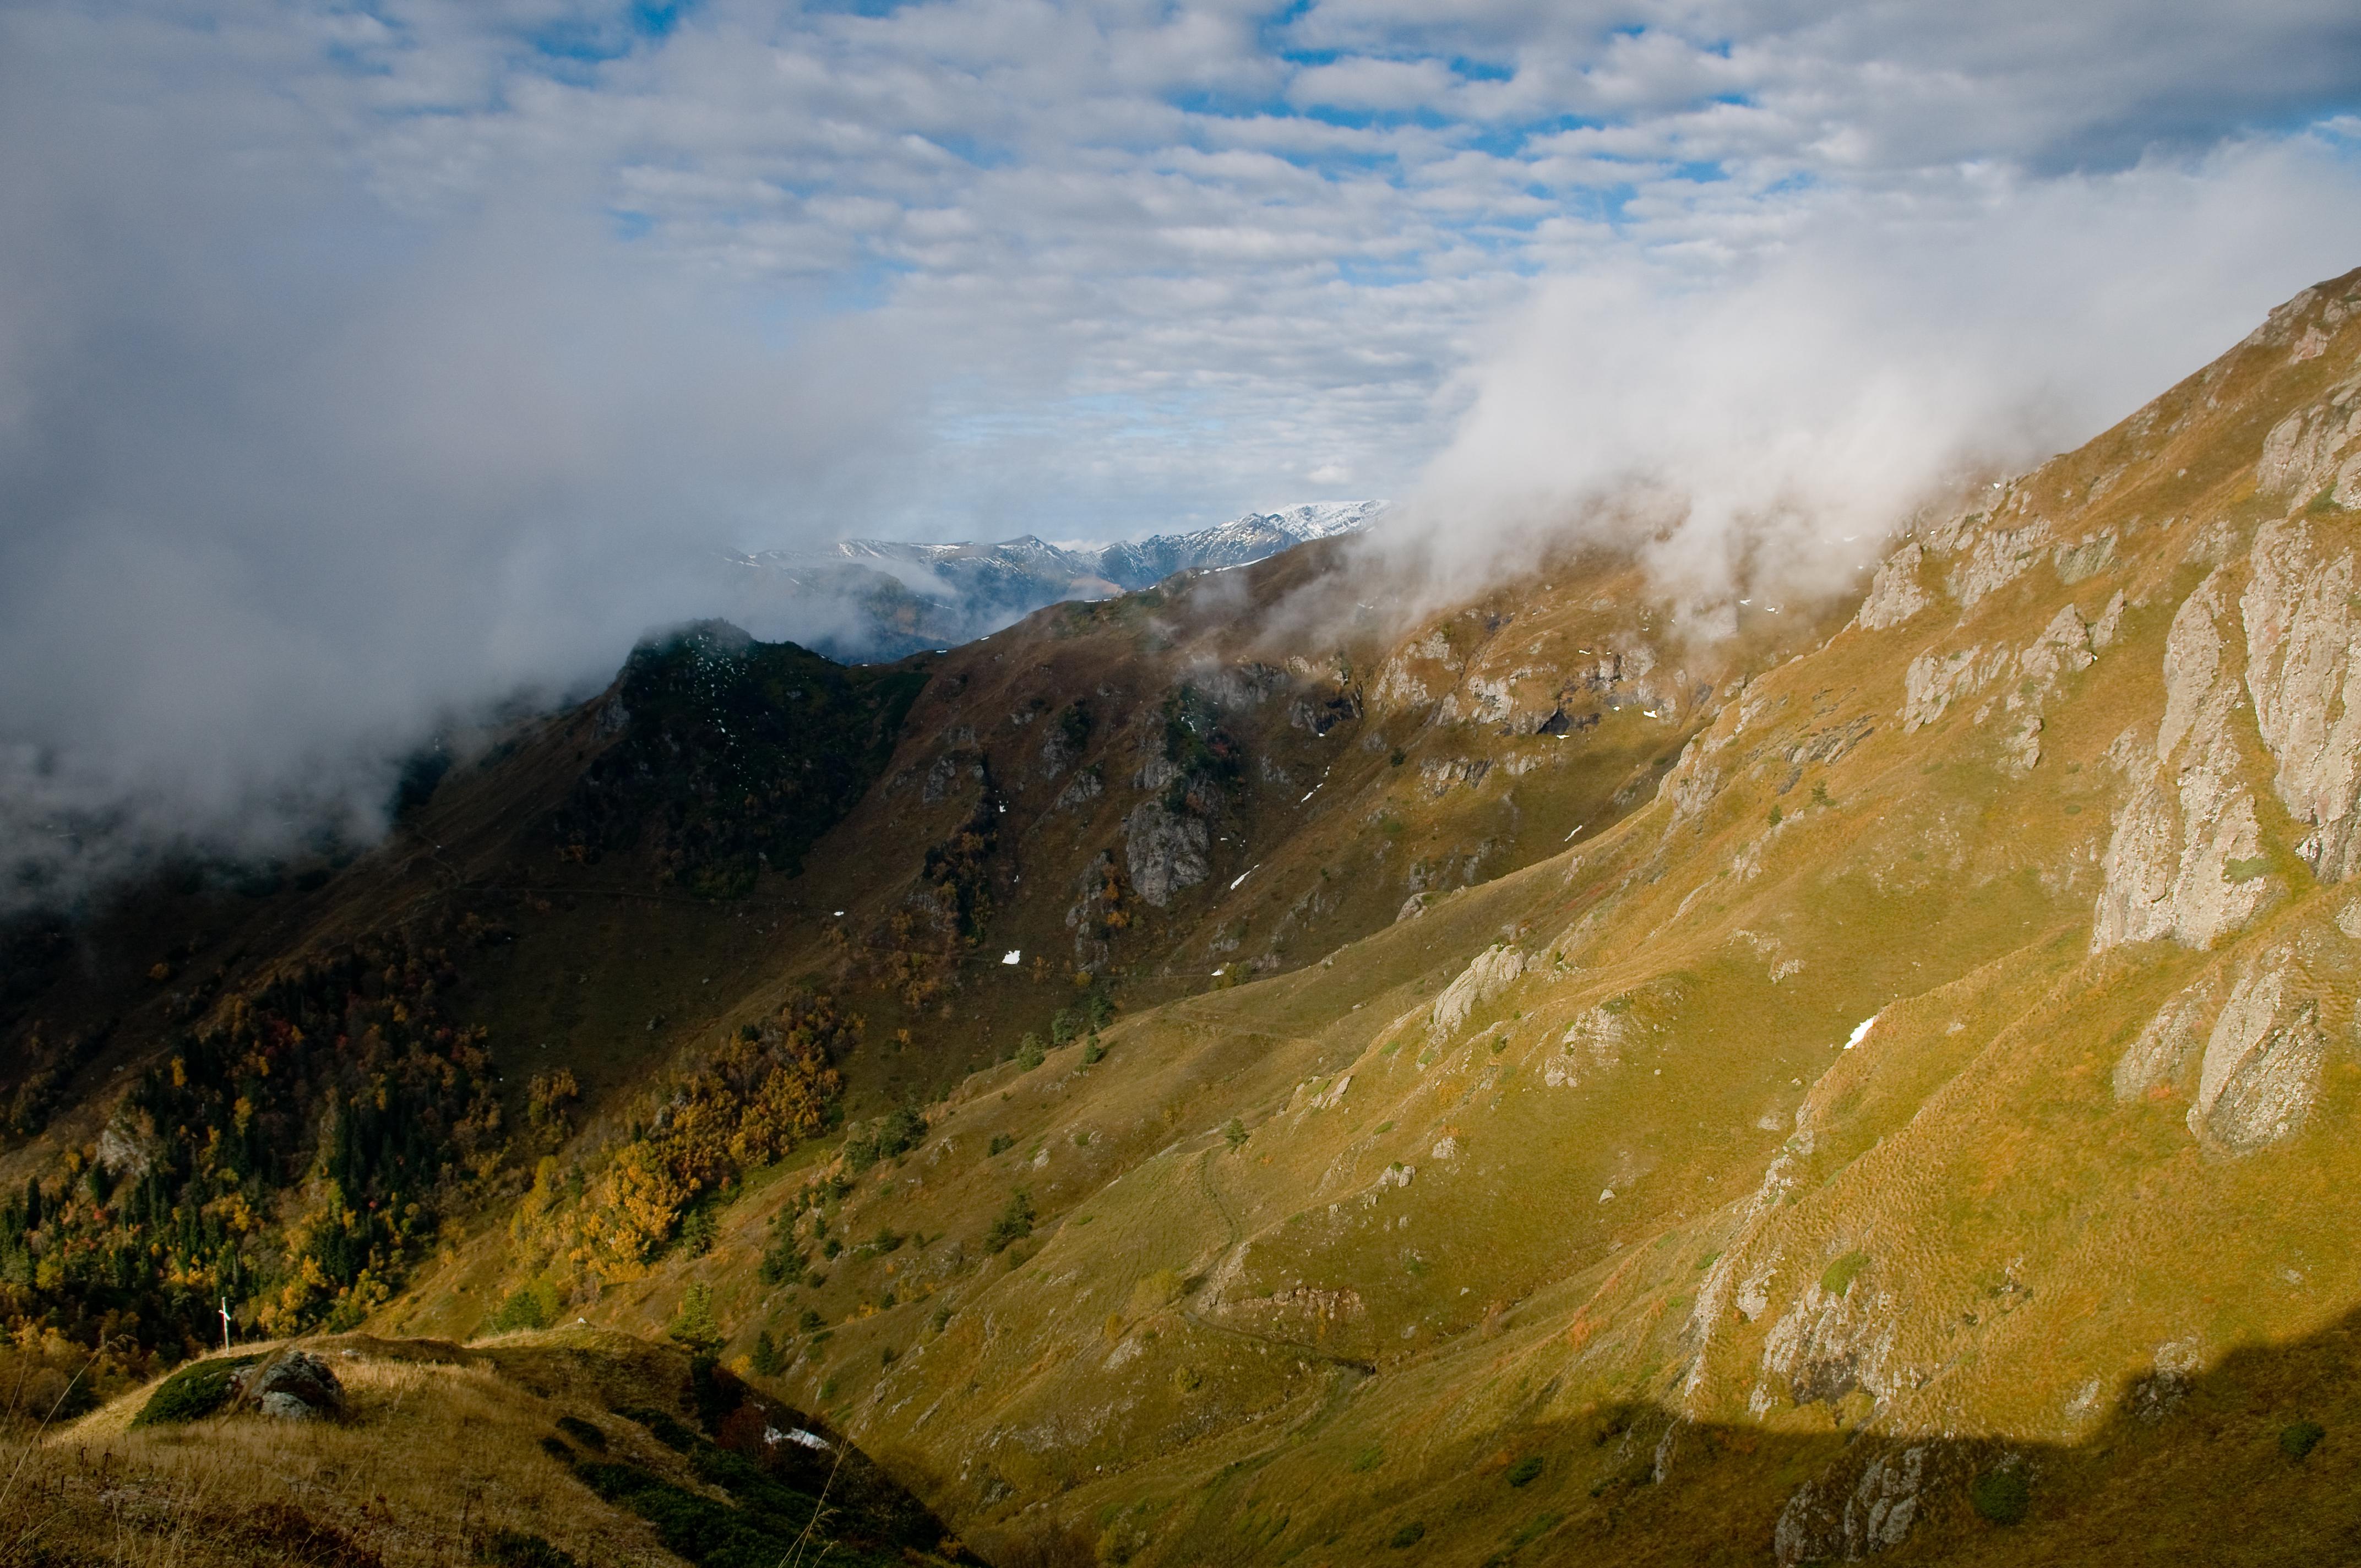 Georgia_LandscapesDSC_2004